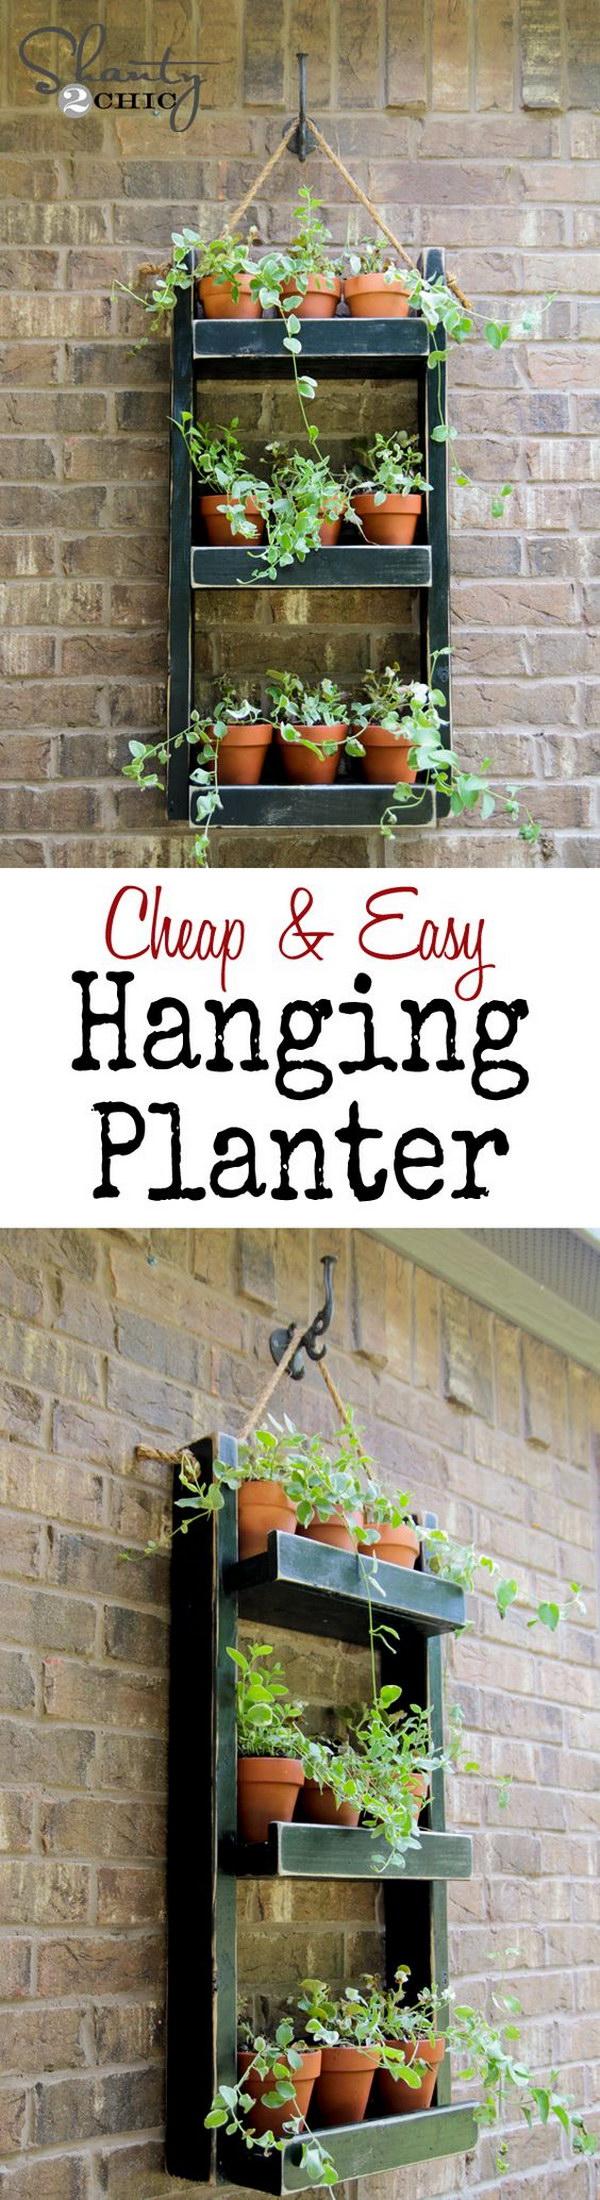 25 DIY Hanging Wood Planter